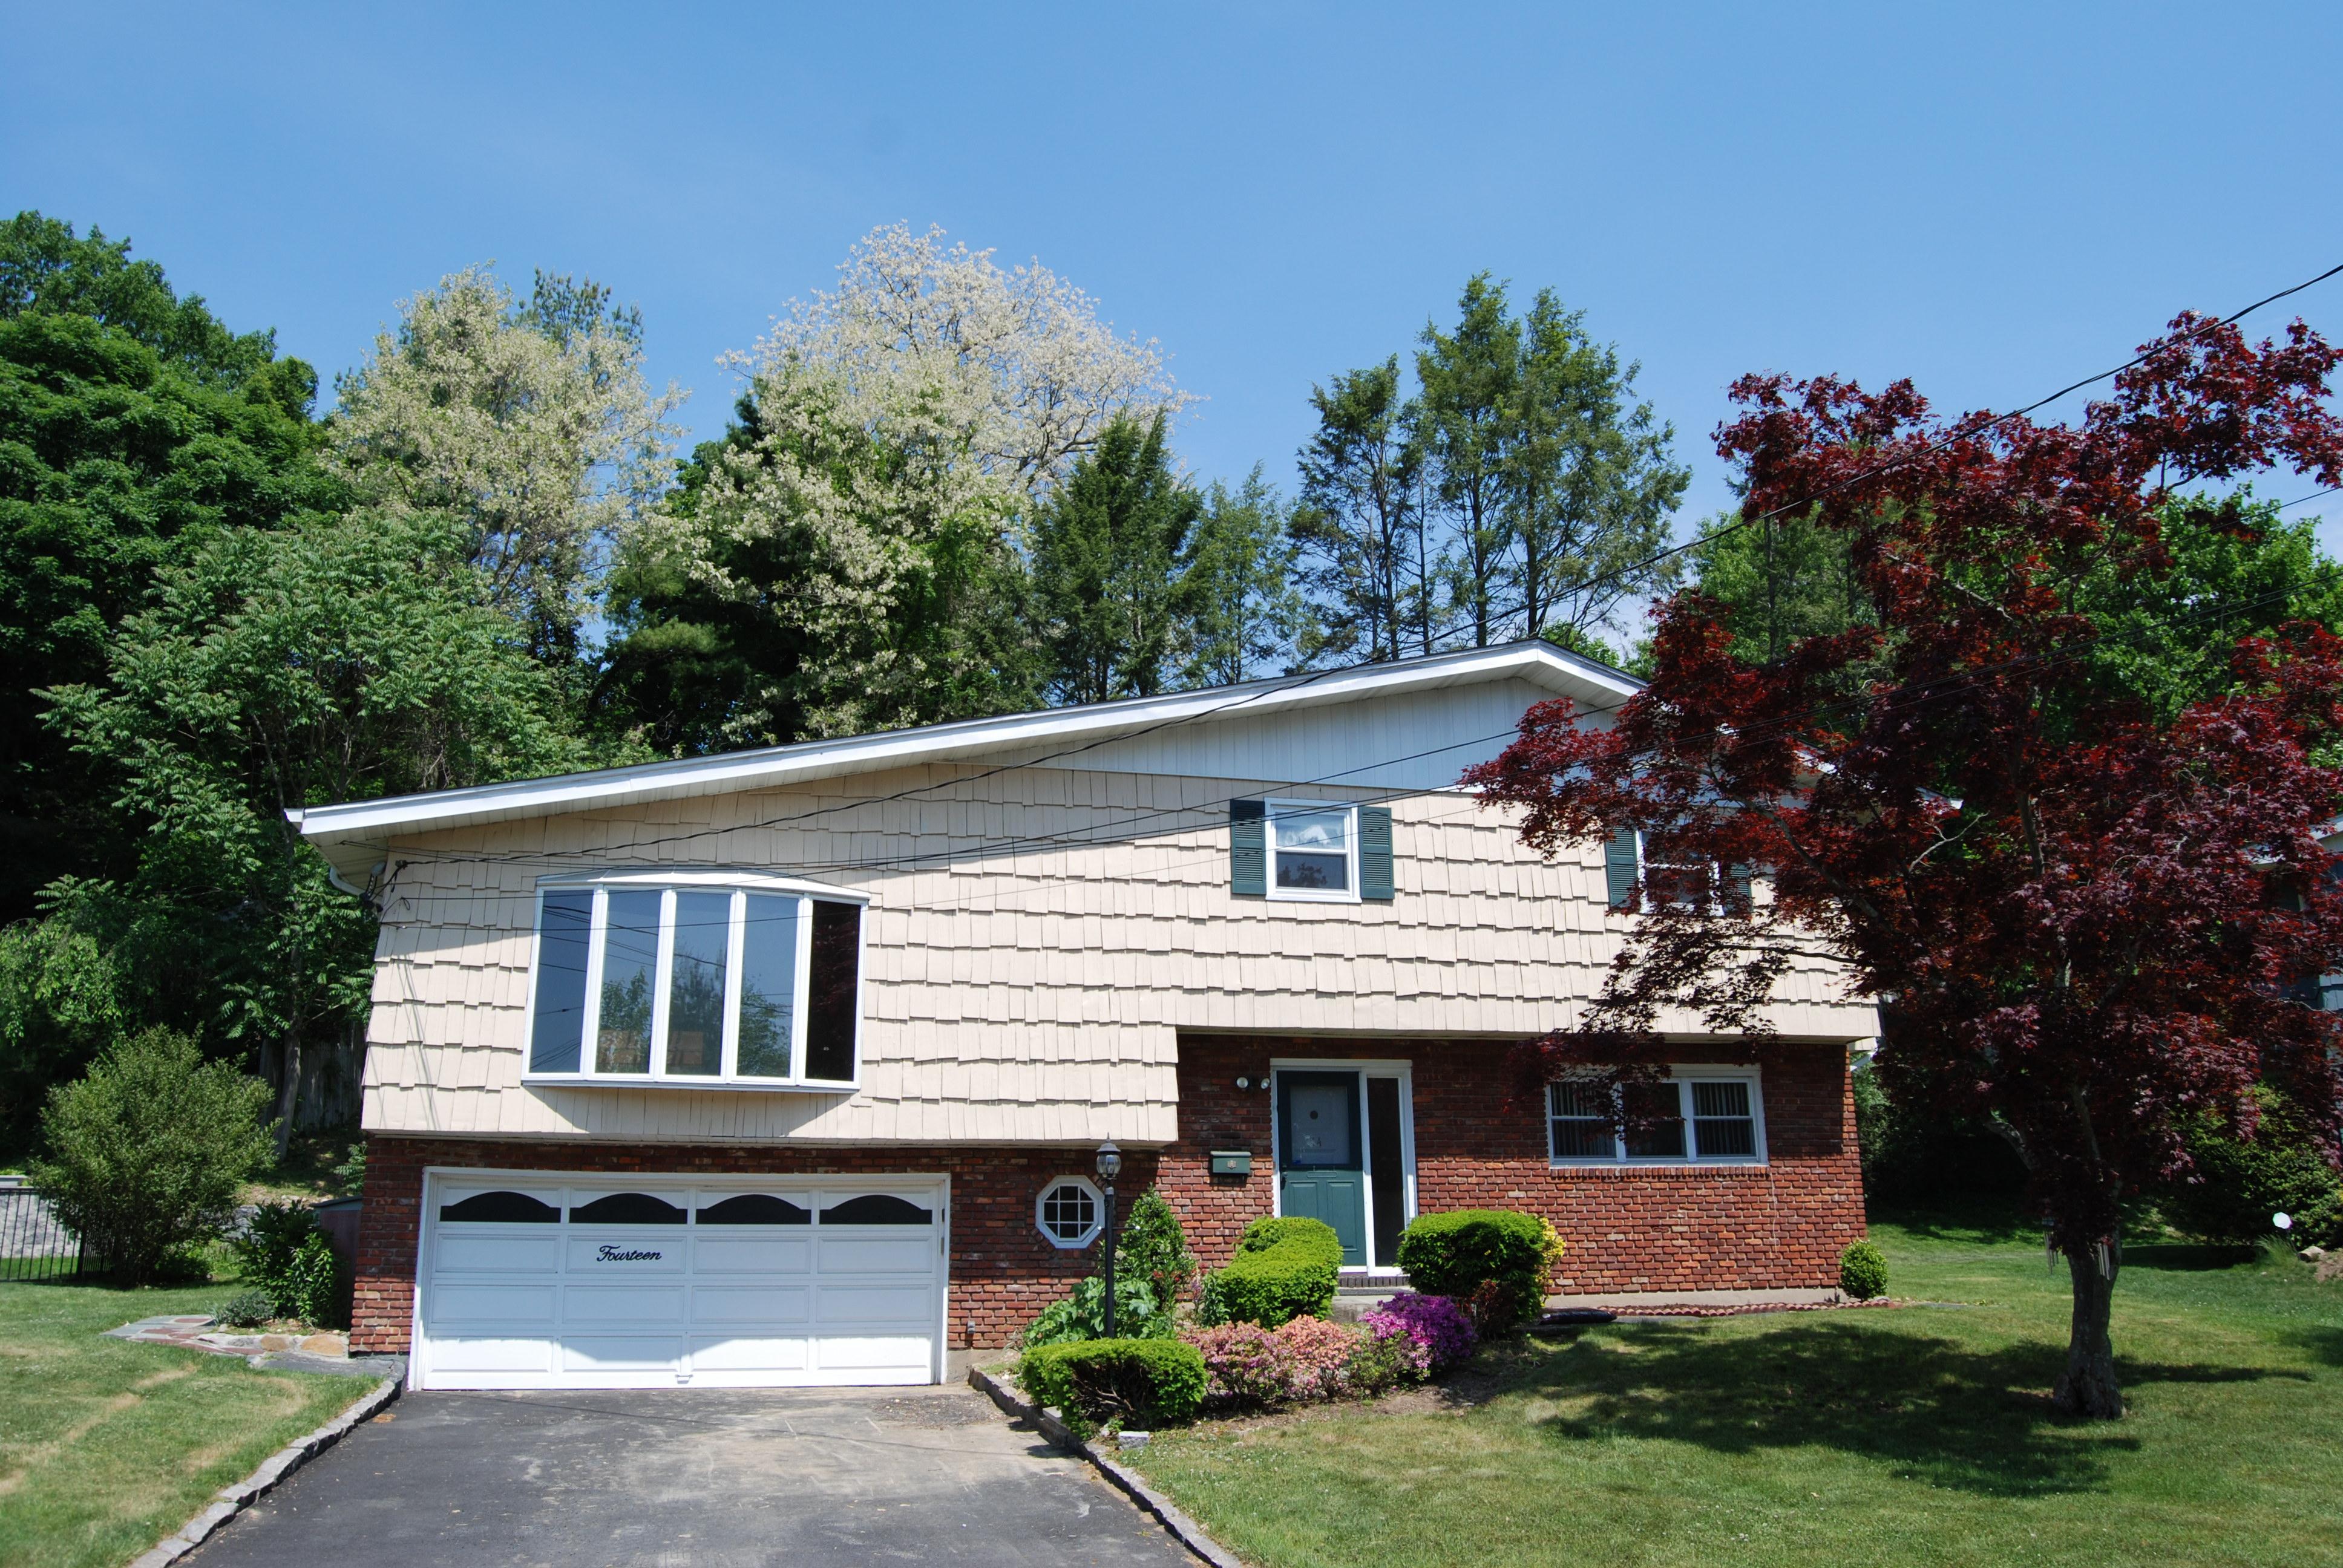 Einfamilienhaus für Verkauf beim Stunning Edgemont home 14 Clarendon Place Scarsdale, New York 10583 Vereinigte Staaten